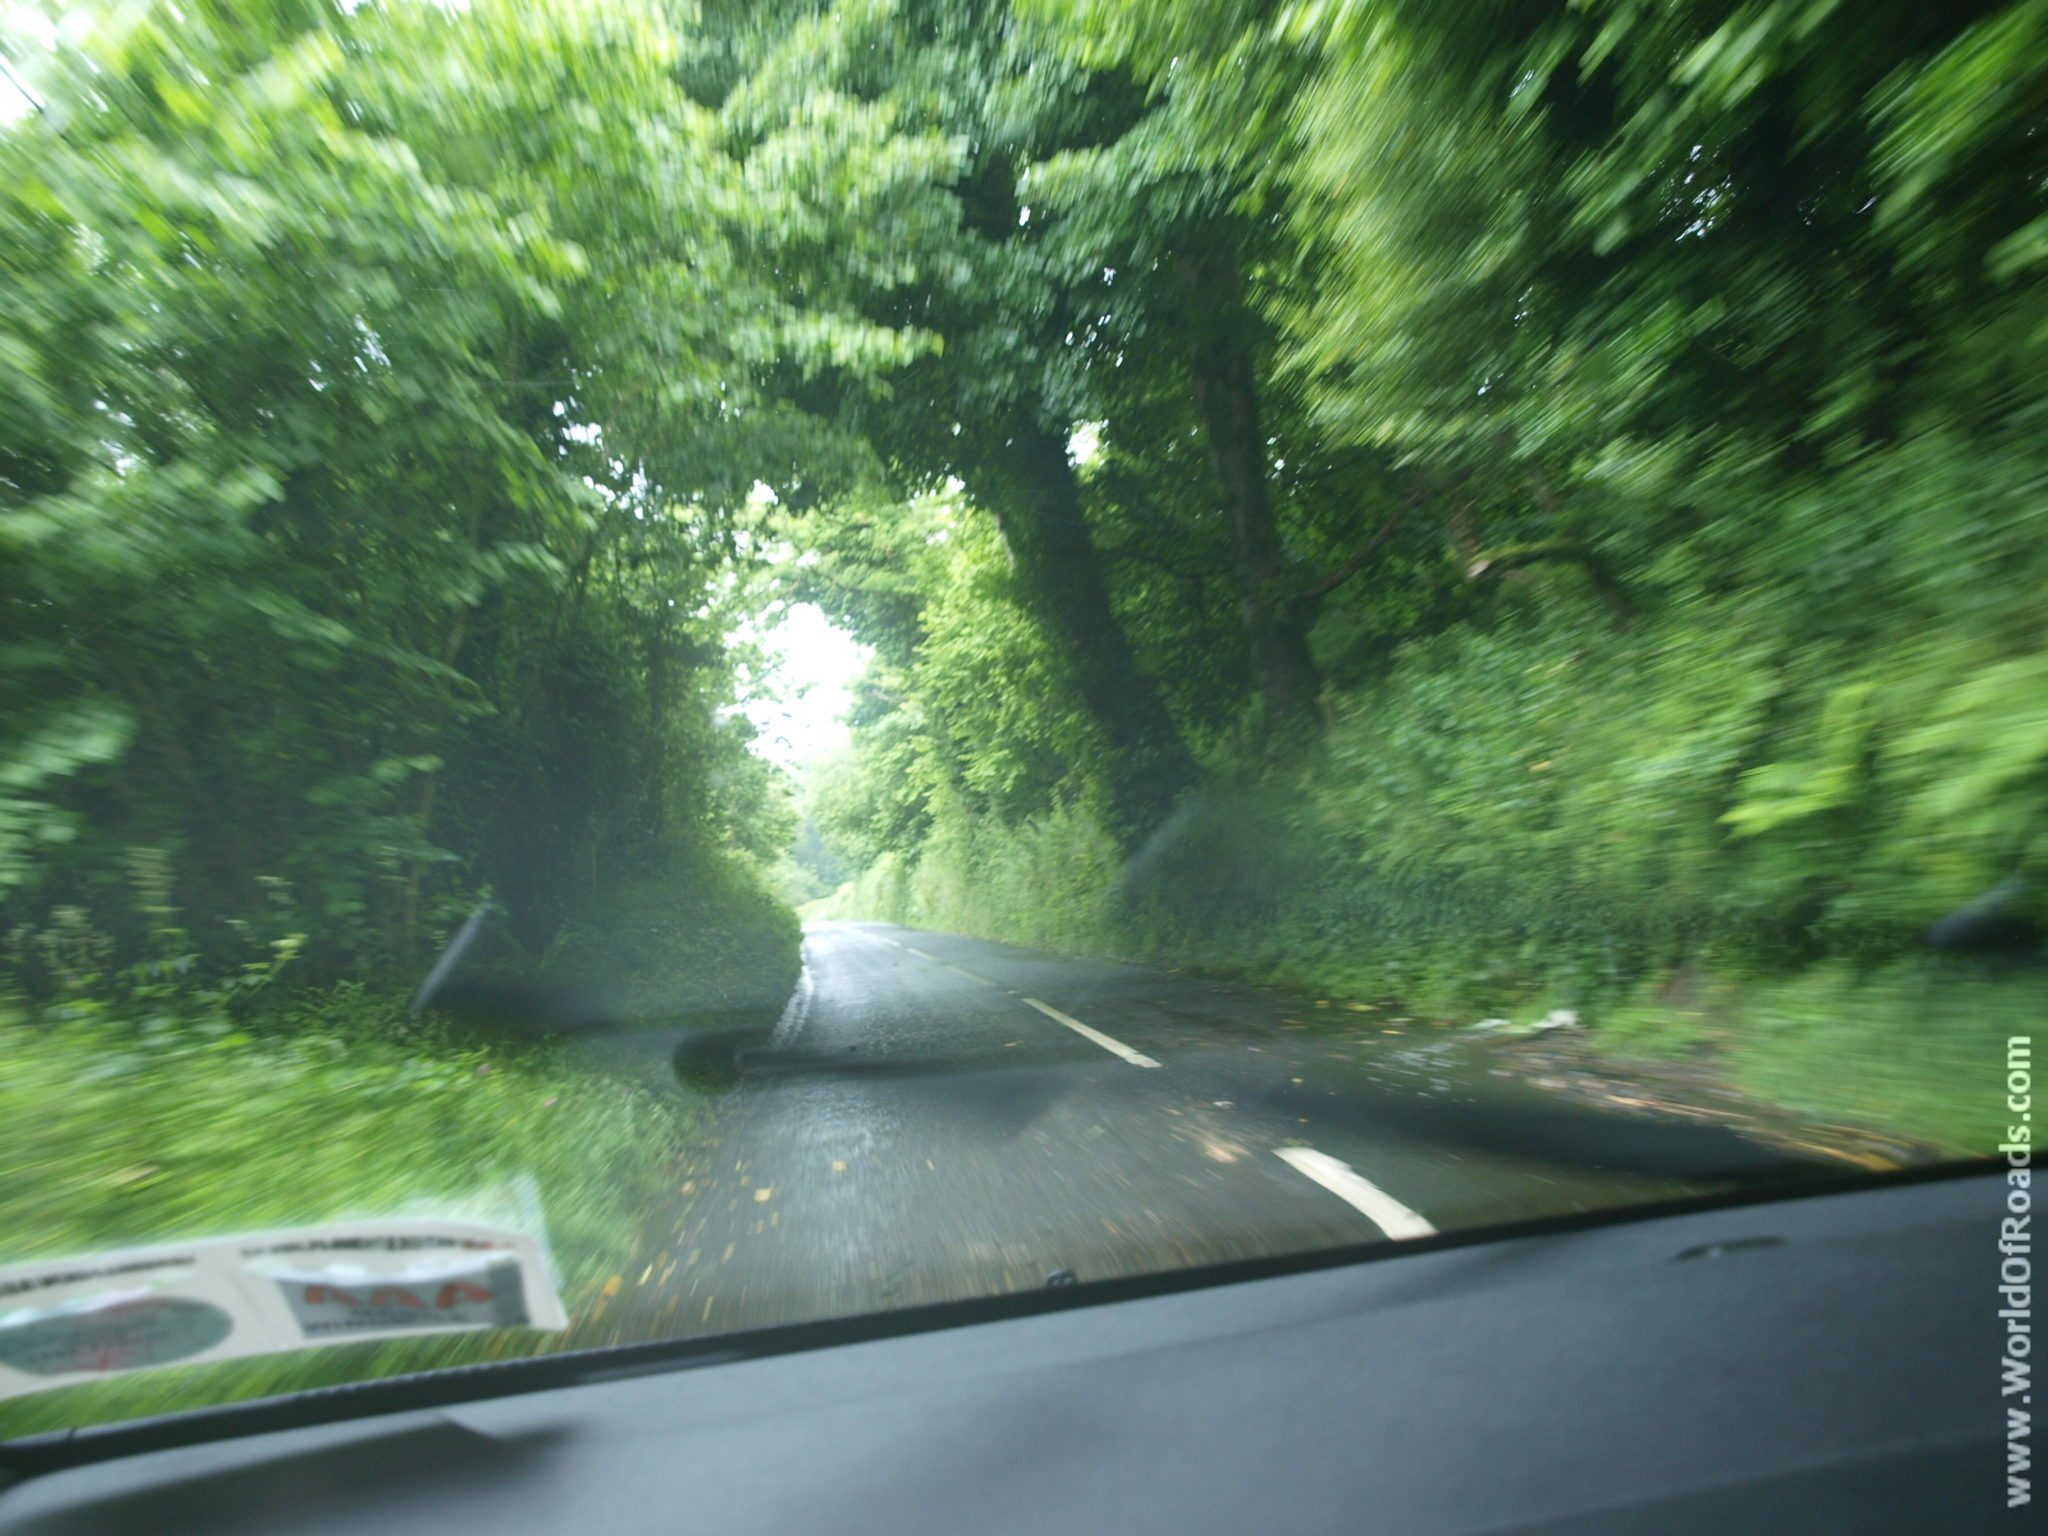 Деревья над дорогой. Северная Ирландия.